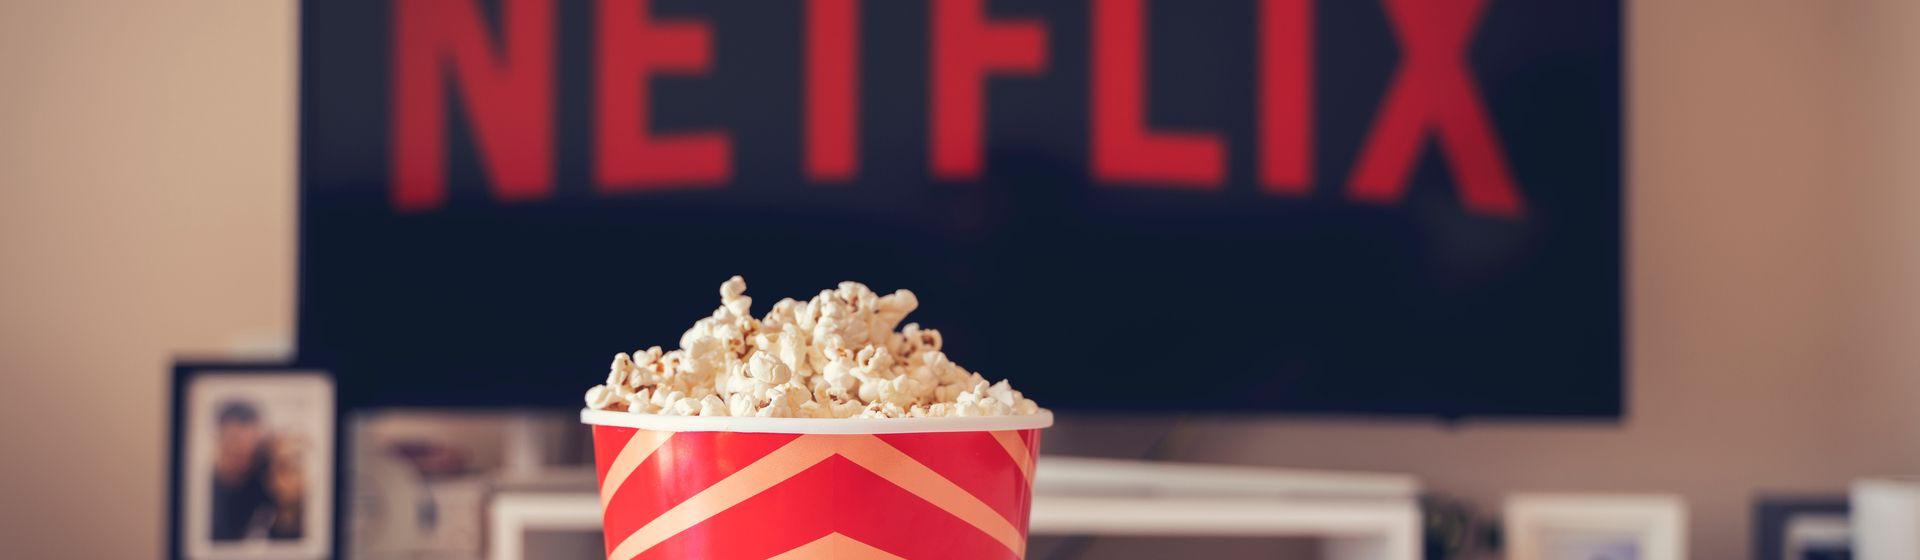 Melhores filmes Netflix de ação para assistir na TV de 120 Hz